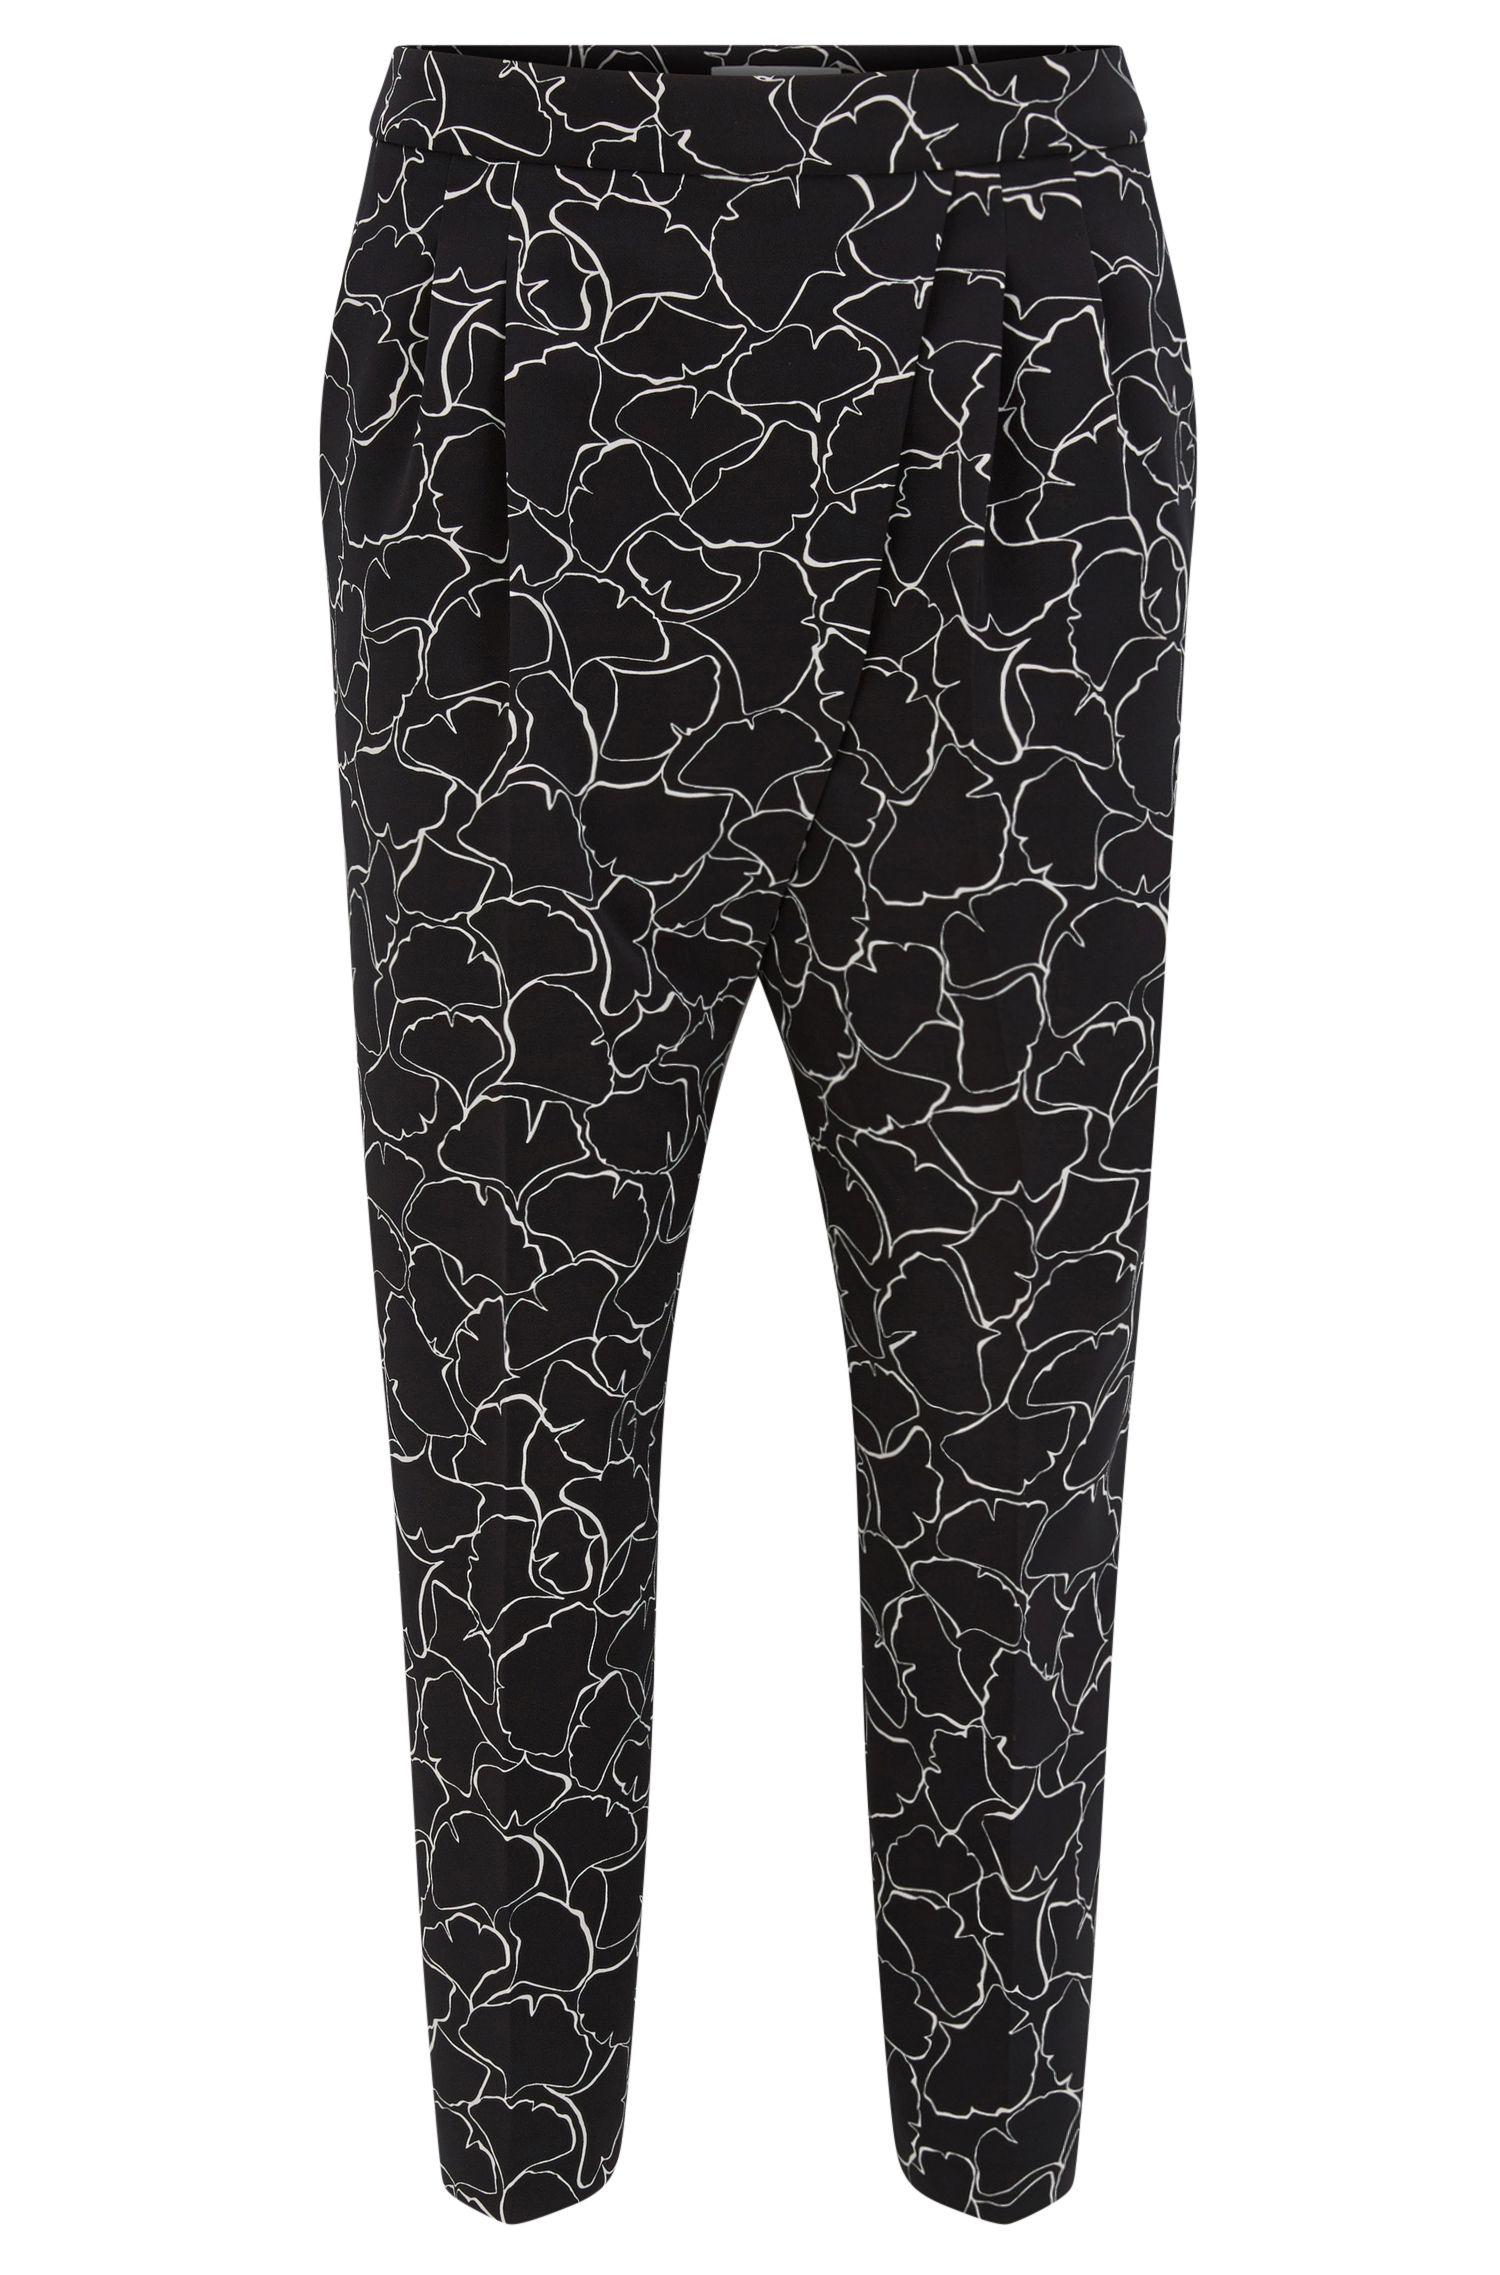 Pantalones tobilleros relaxed fit en tejido elástico